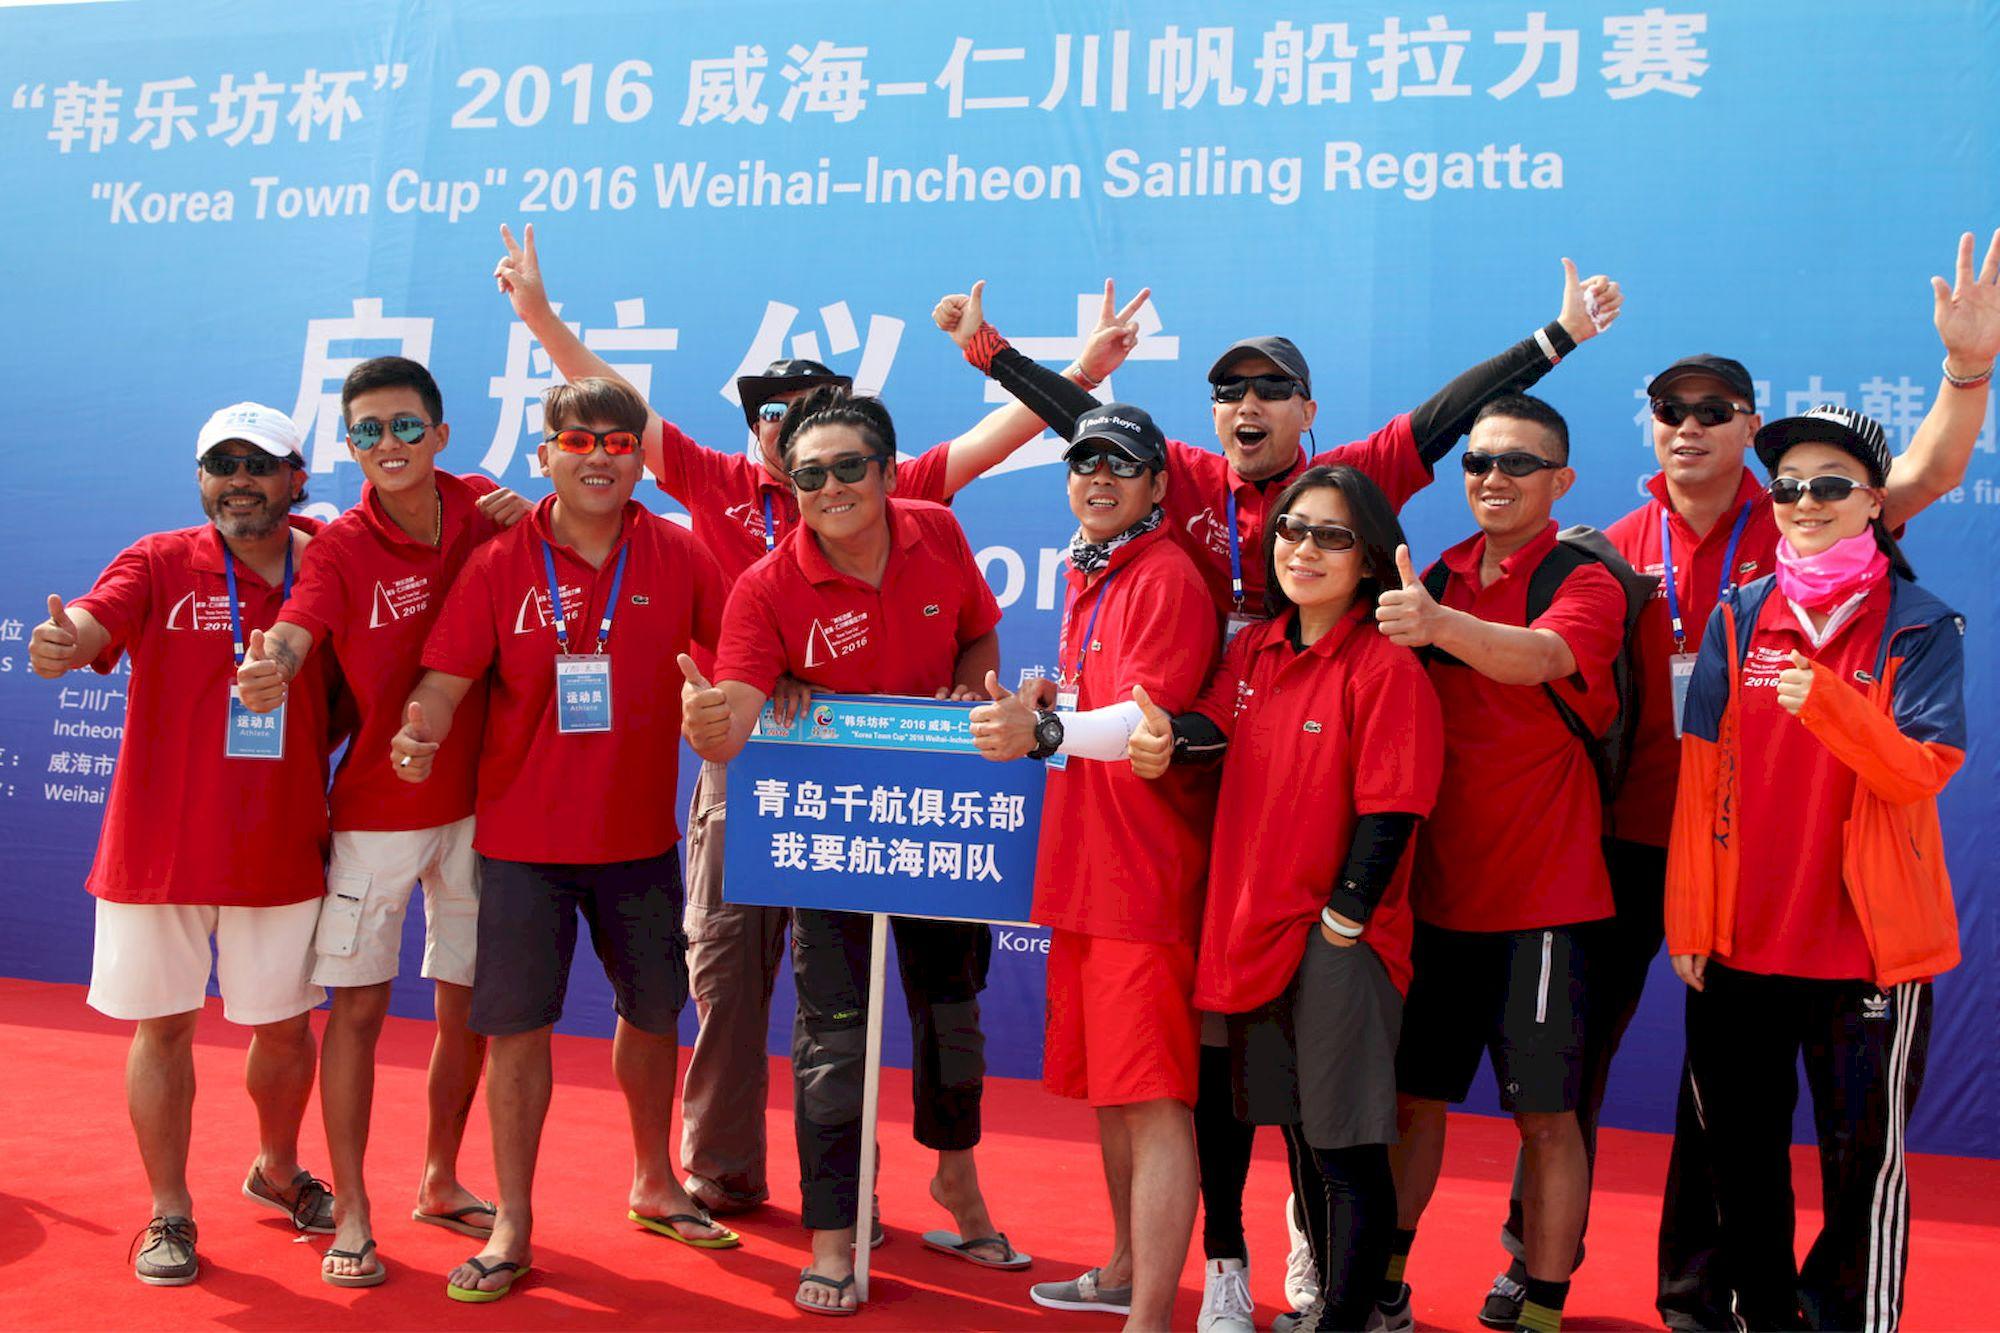 000-IMG_3134_千帆俱乐部我要航海网帆船队-2016威海-仁川国际帆船赛.JPG